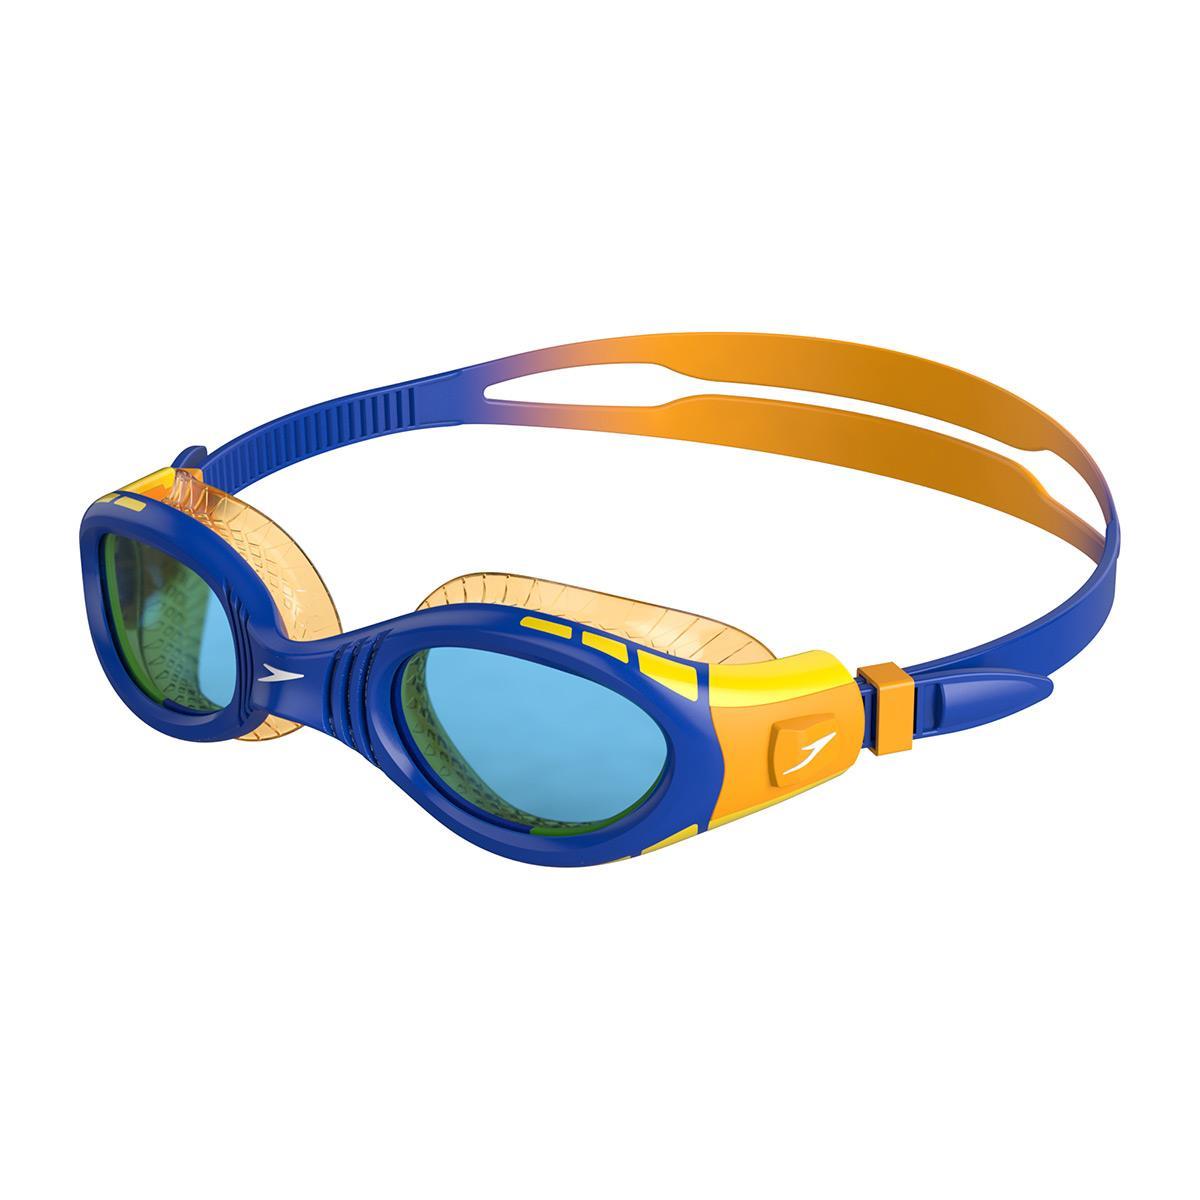 Speedo Fut Bıof Fseal Dual Gog Ju Orng/Blu Çocuk Gözlük